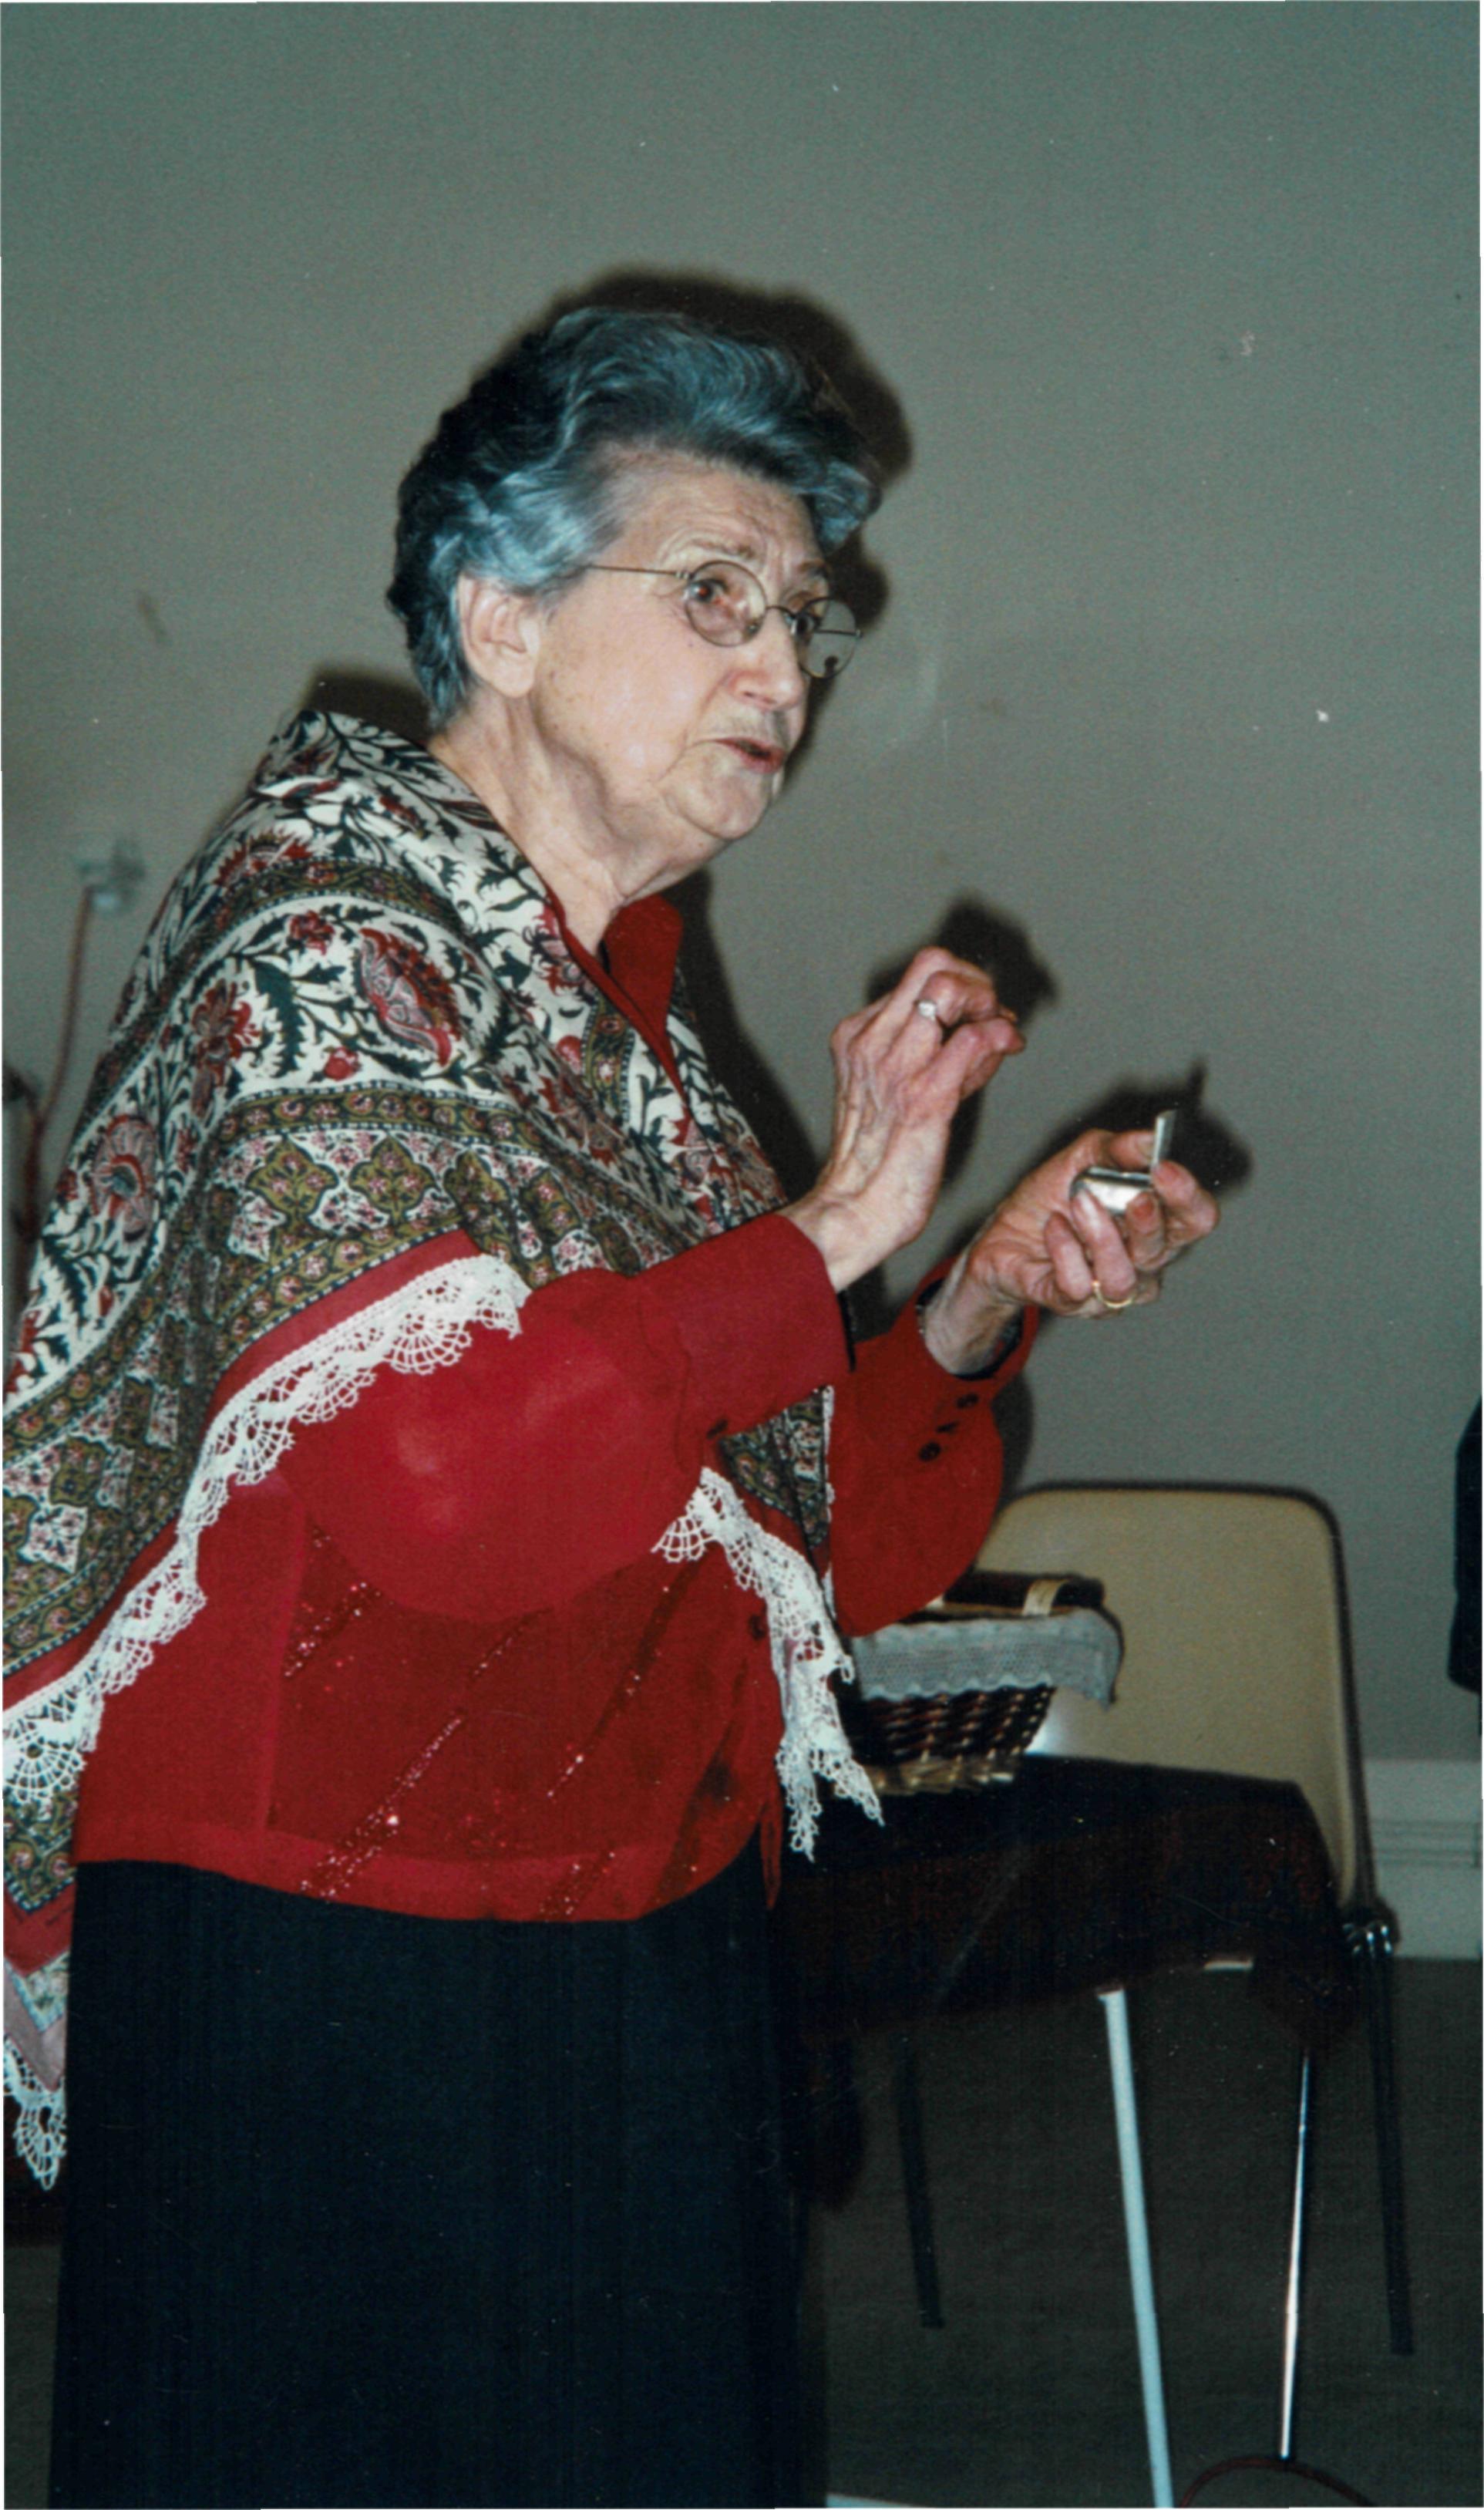 PAULETTE 2006